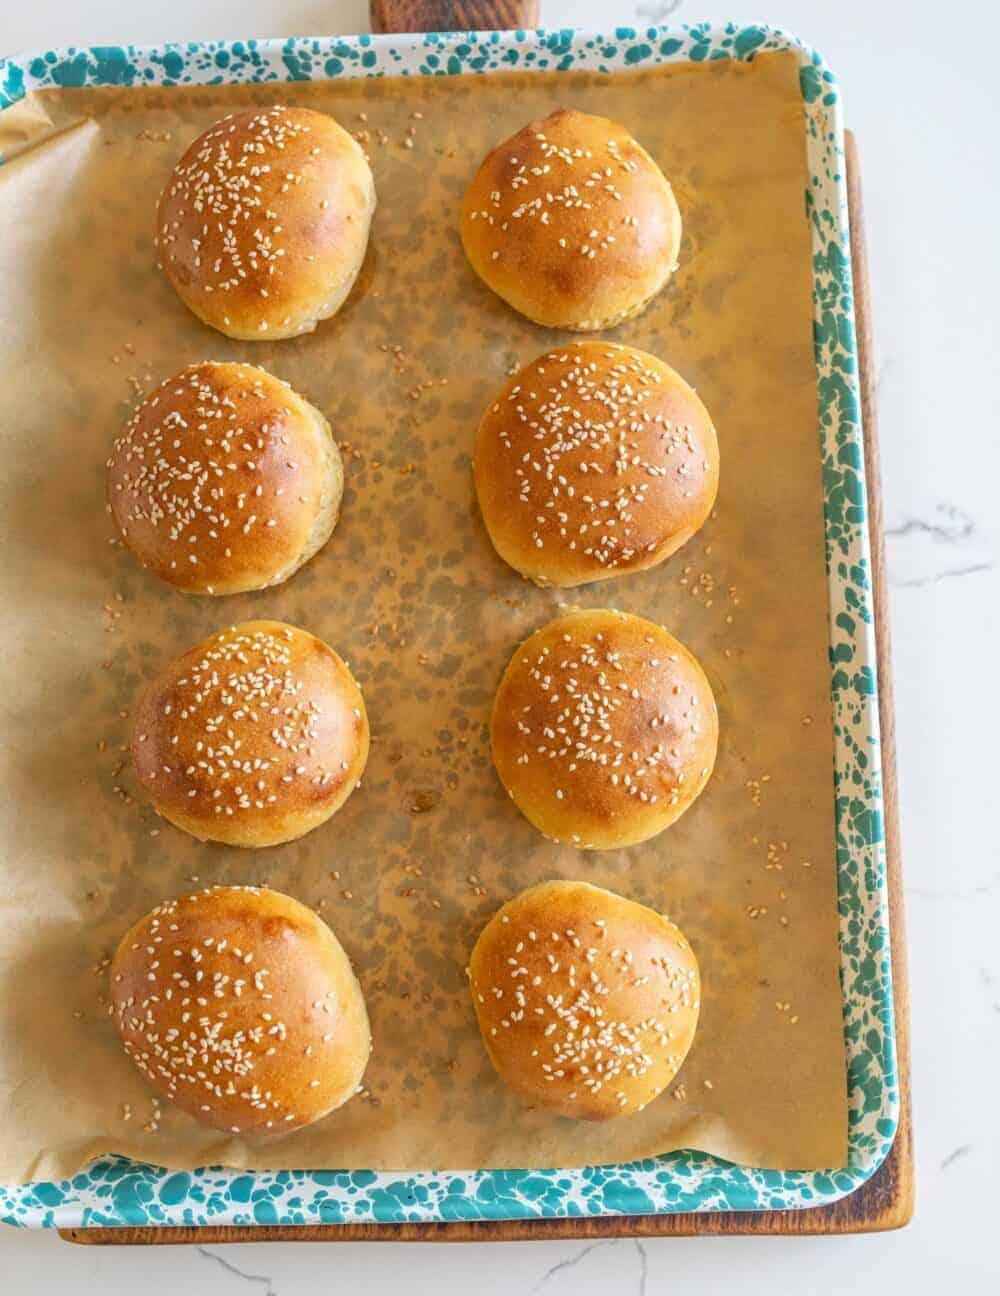 sourdough burger buns on parchment paper after baking